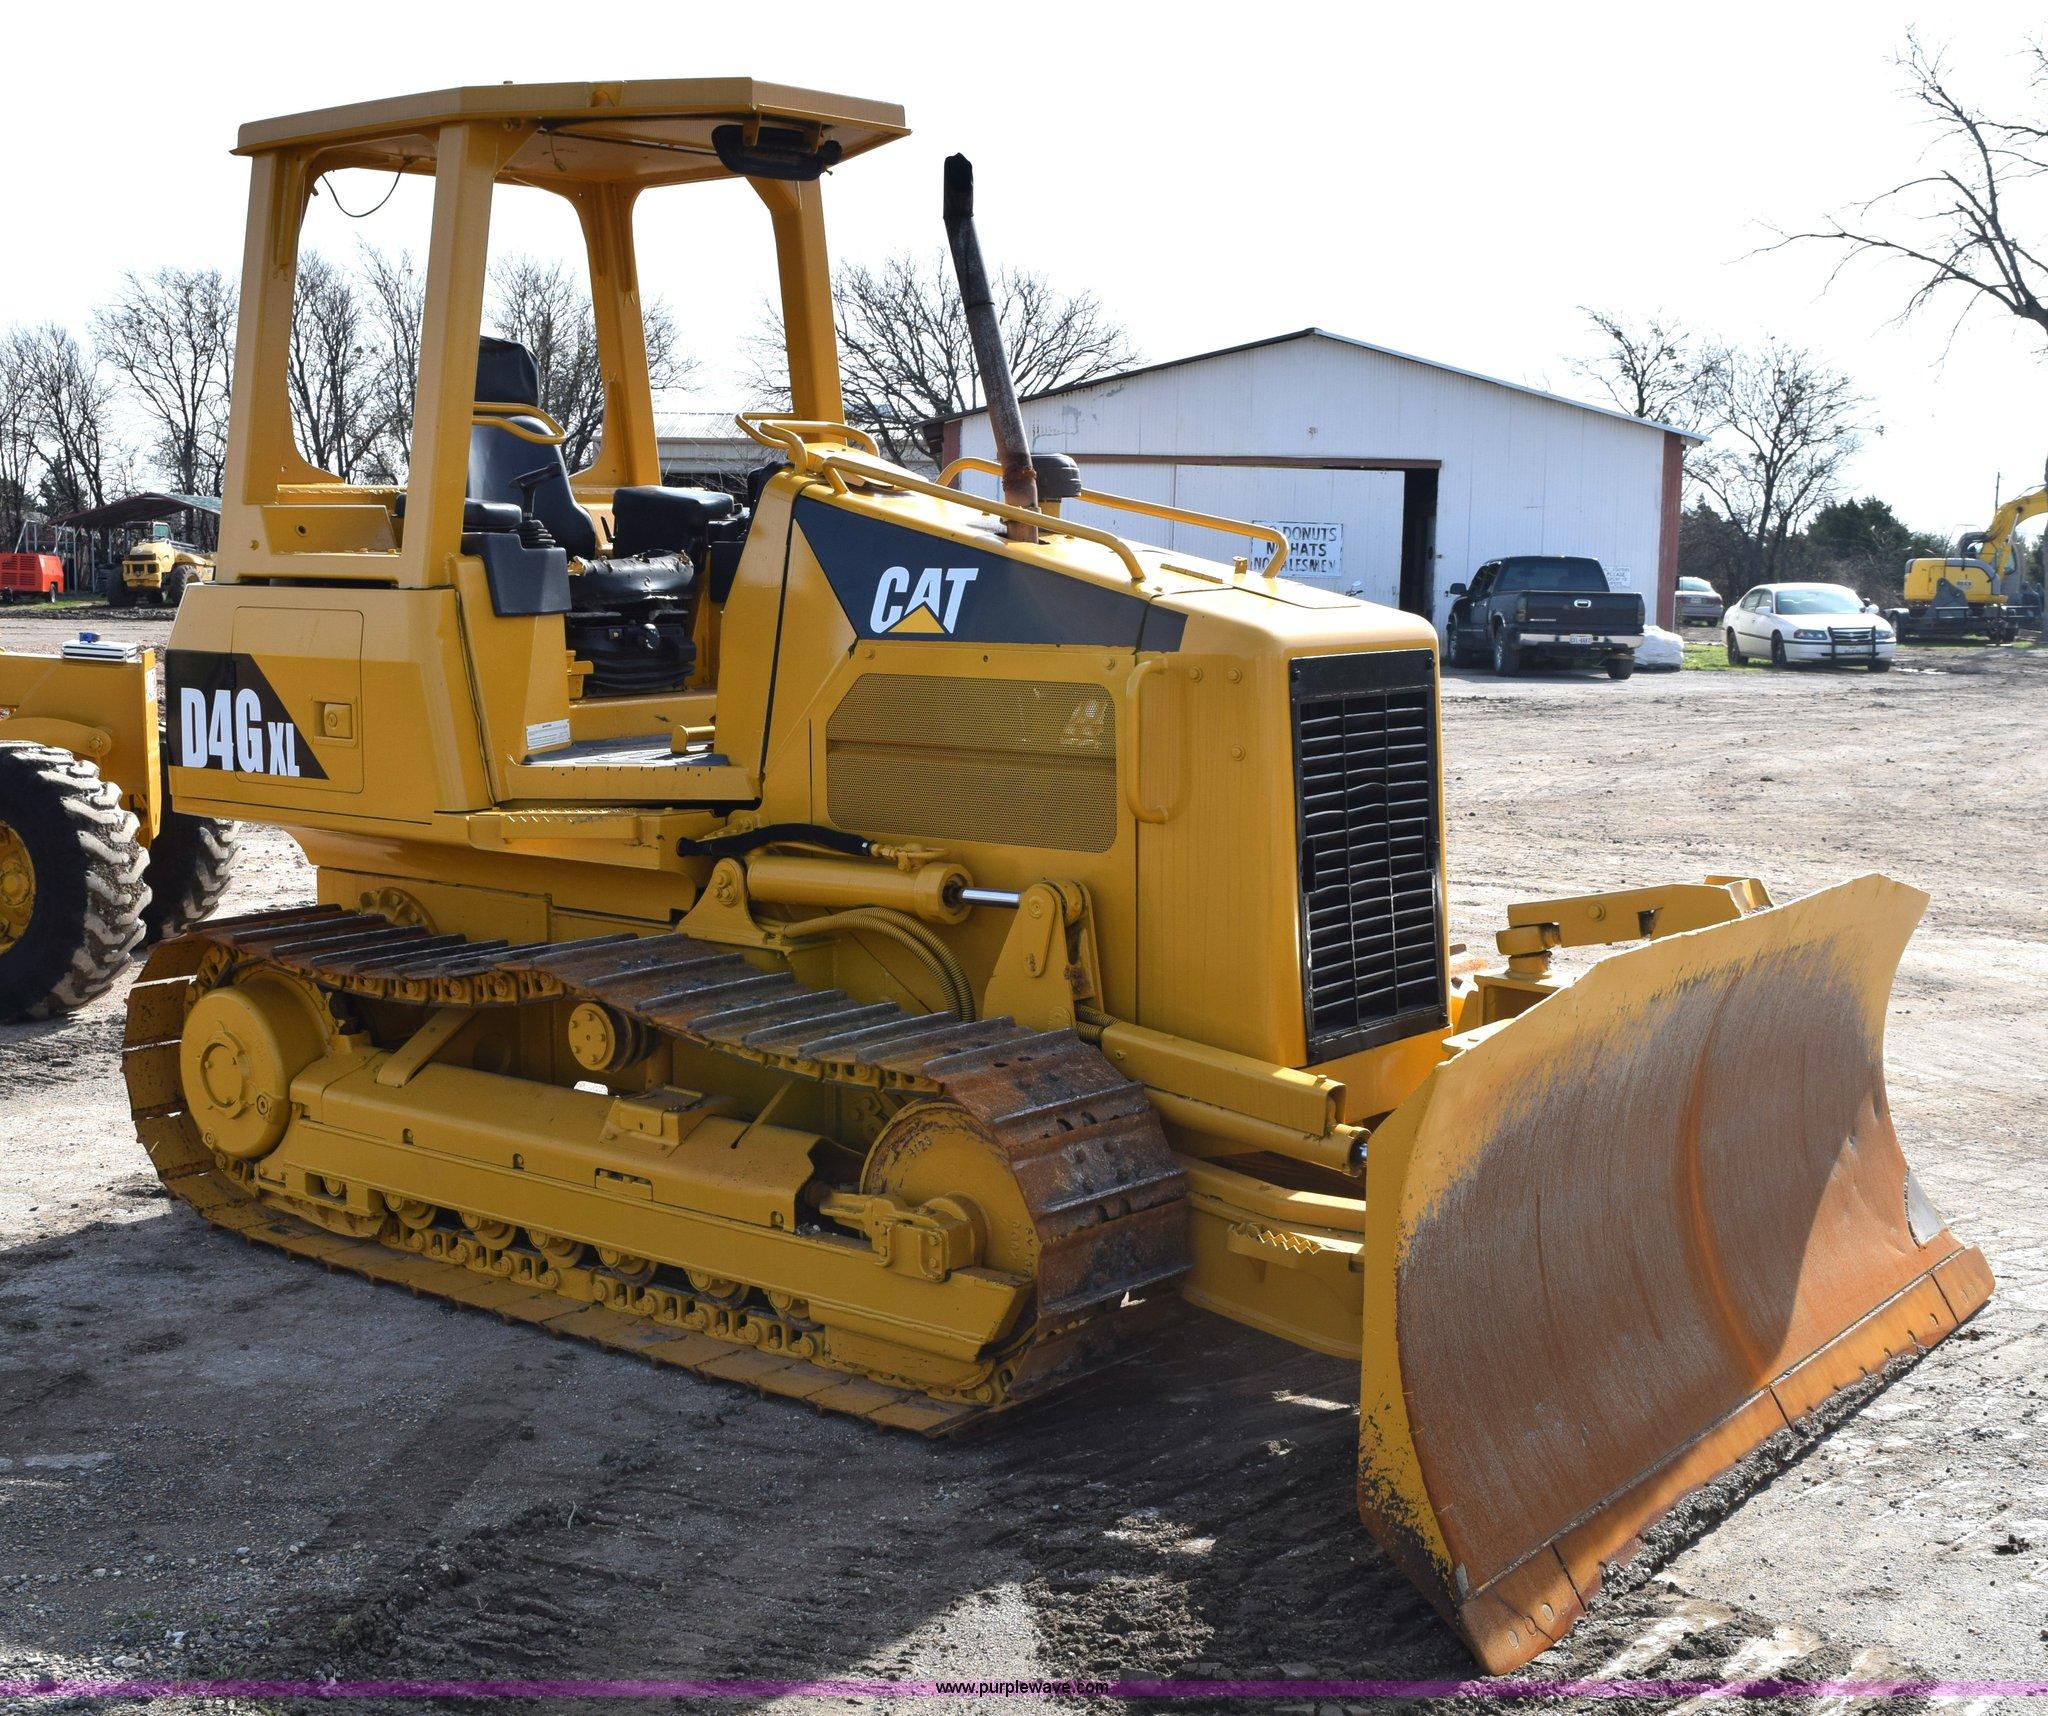 2003 Caterpillar D4G XL dozer   Item E6282   SOLD! April 30